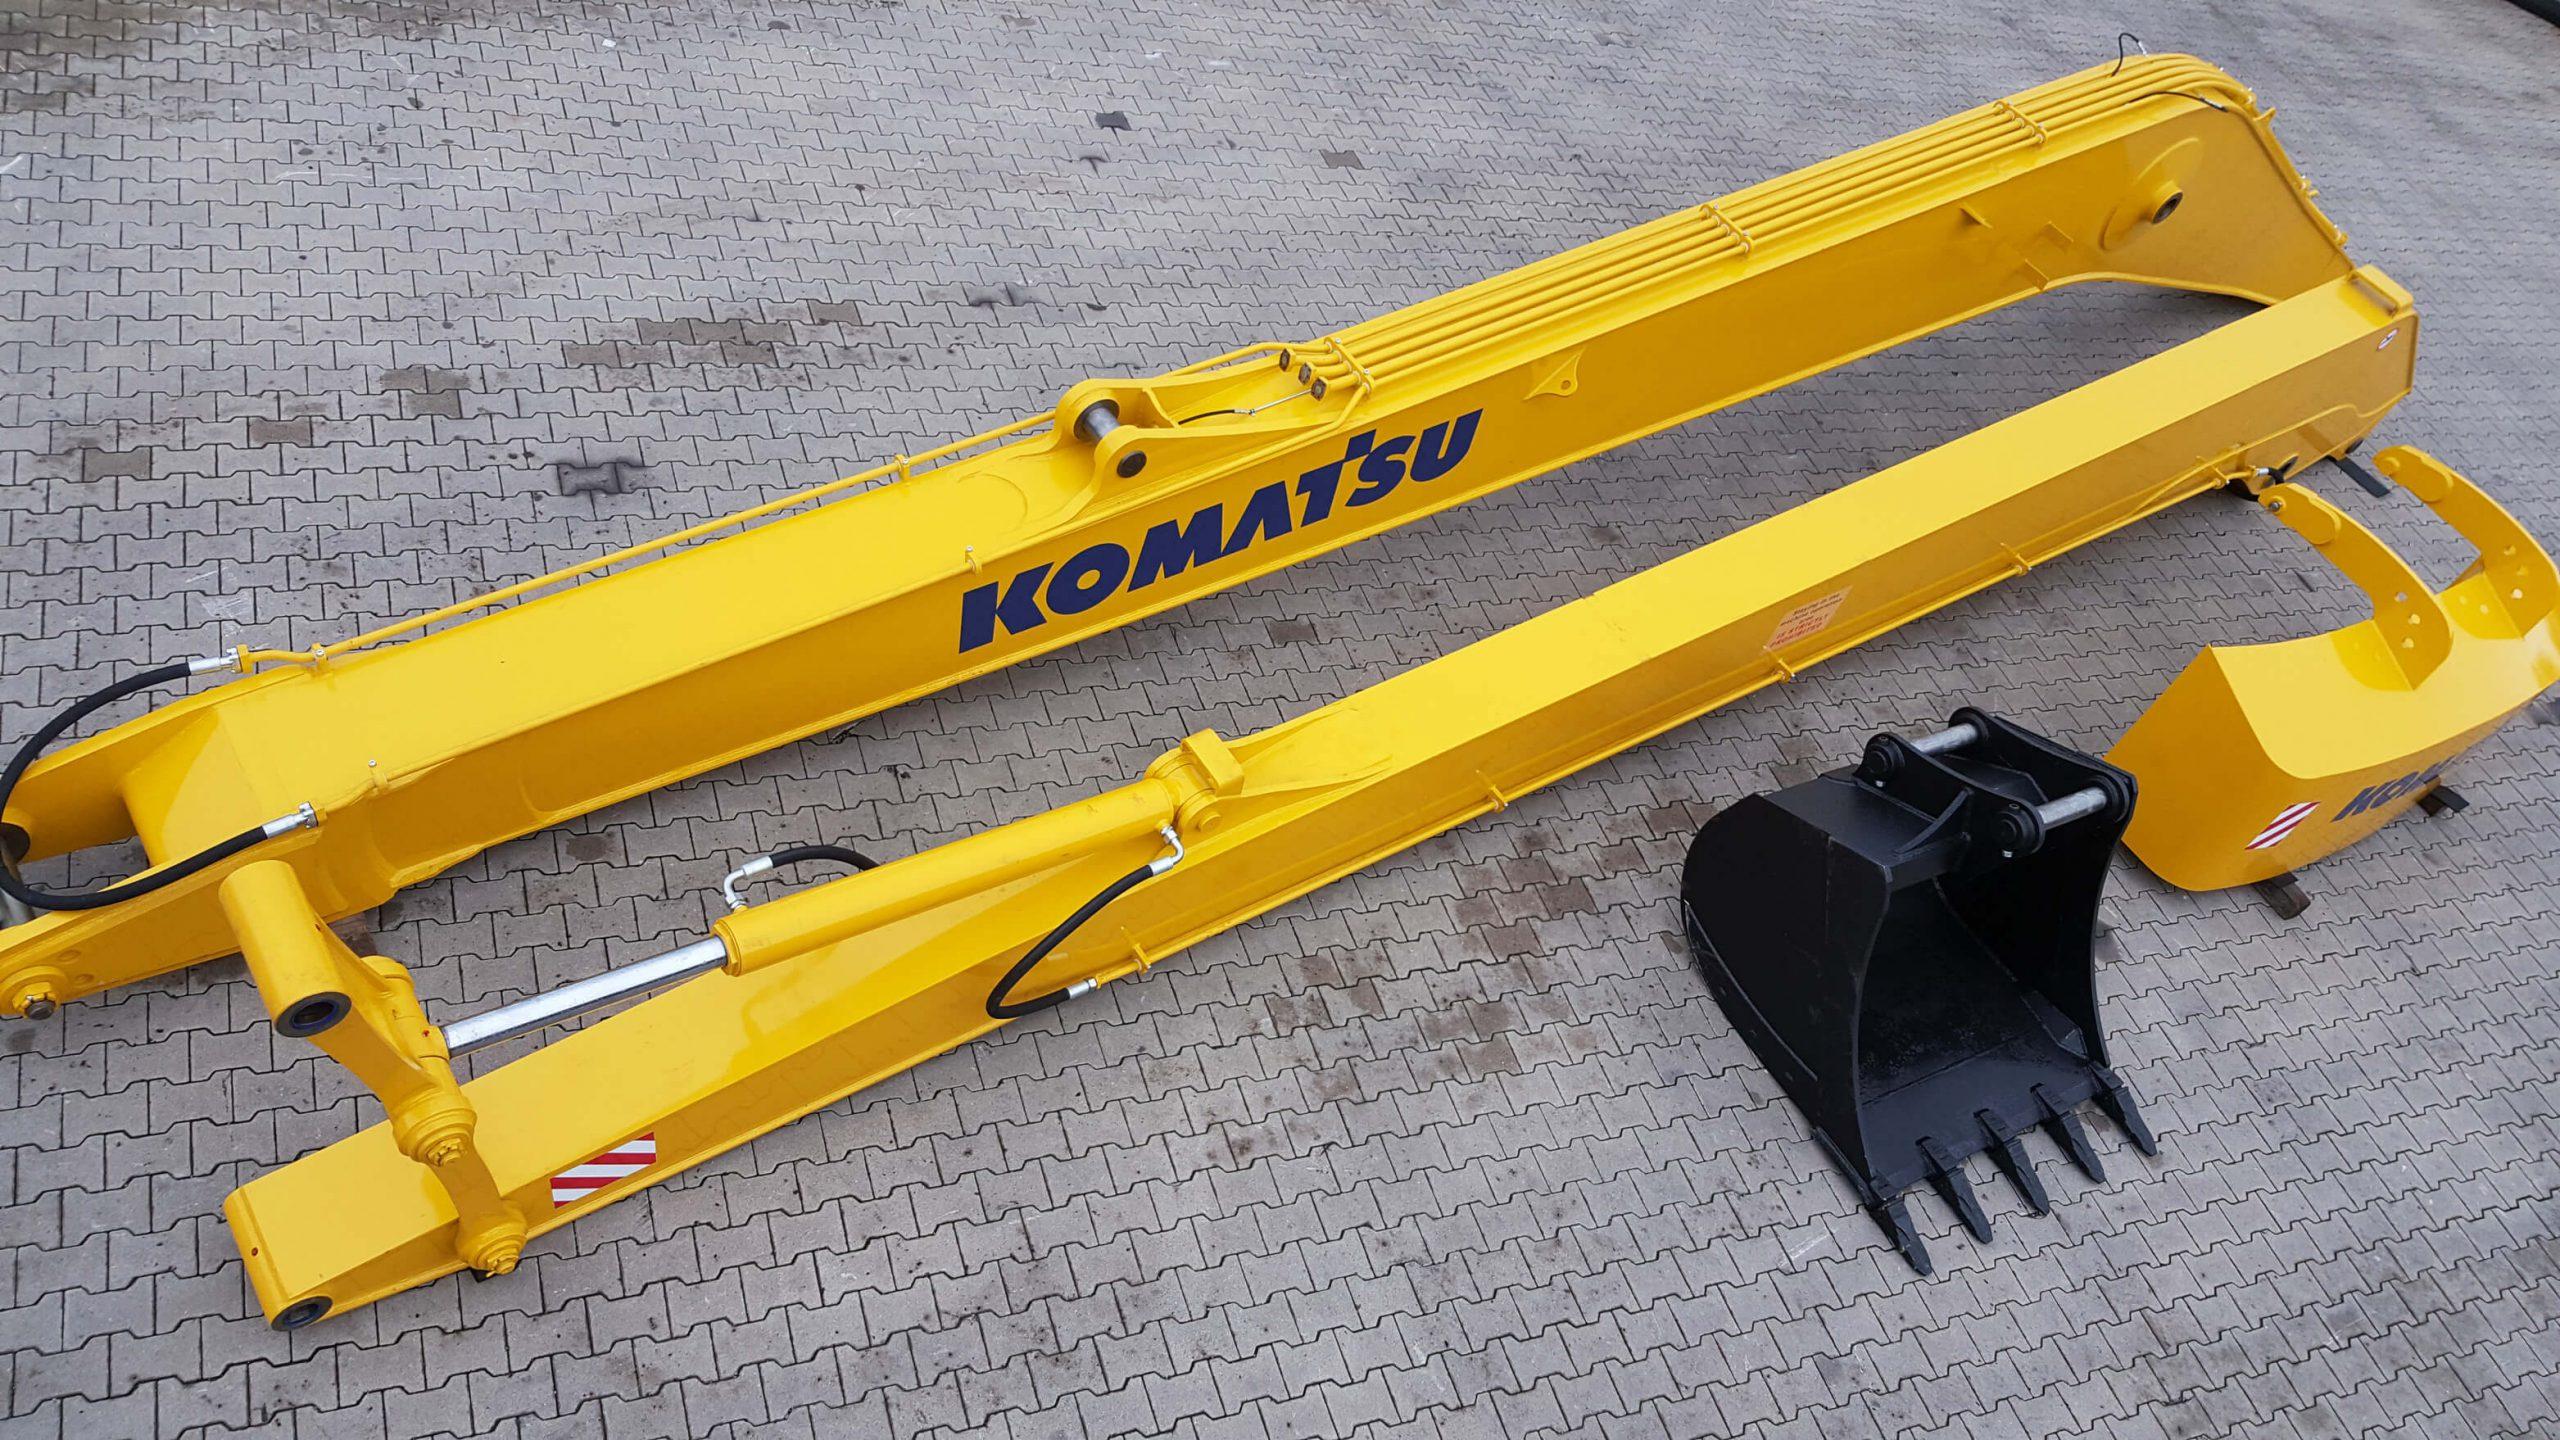 Komatsu PC 450 Long Reach 22m - Loffel - Kontergewicht 2